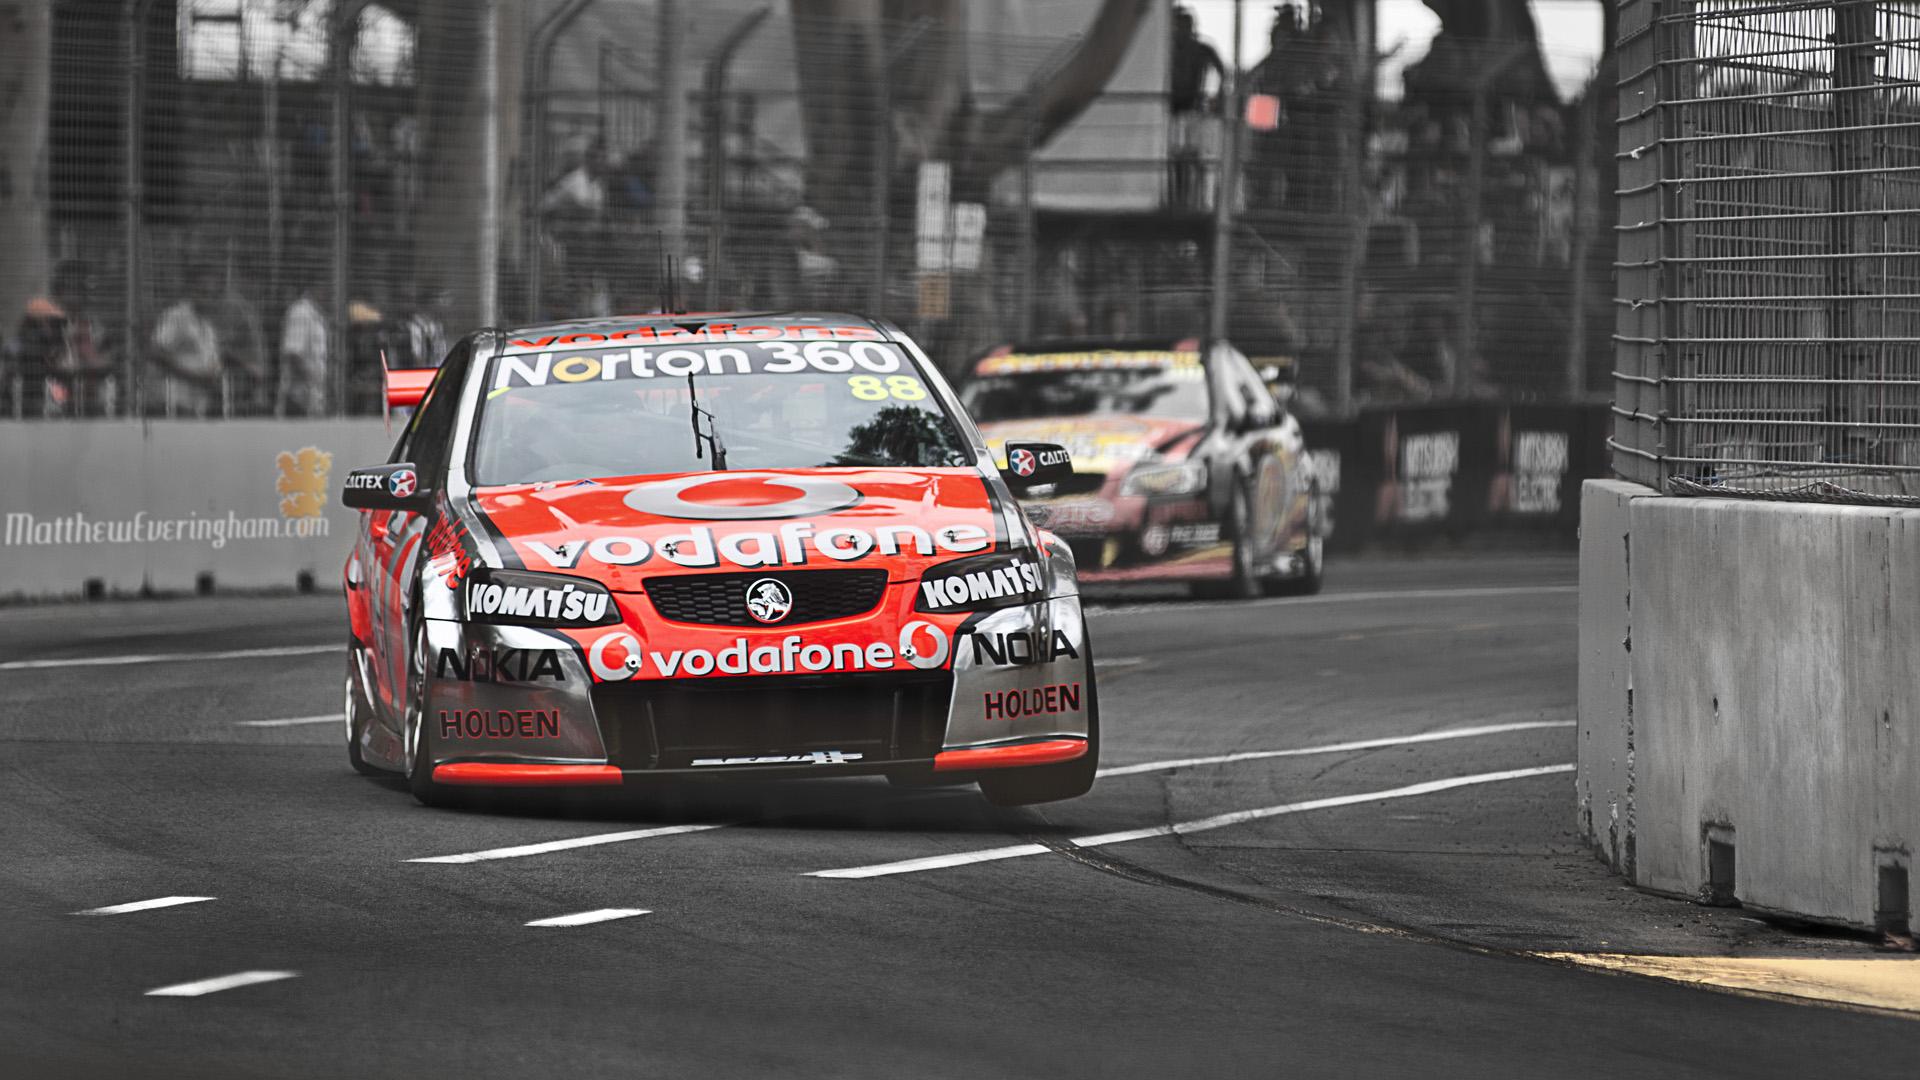 V8 Supercars, the best motorsport ever